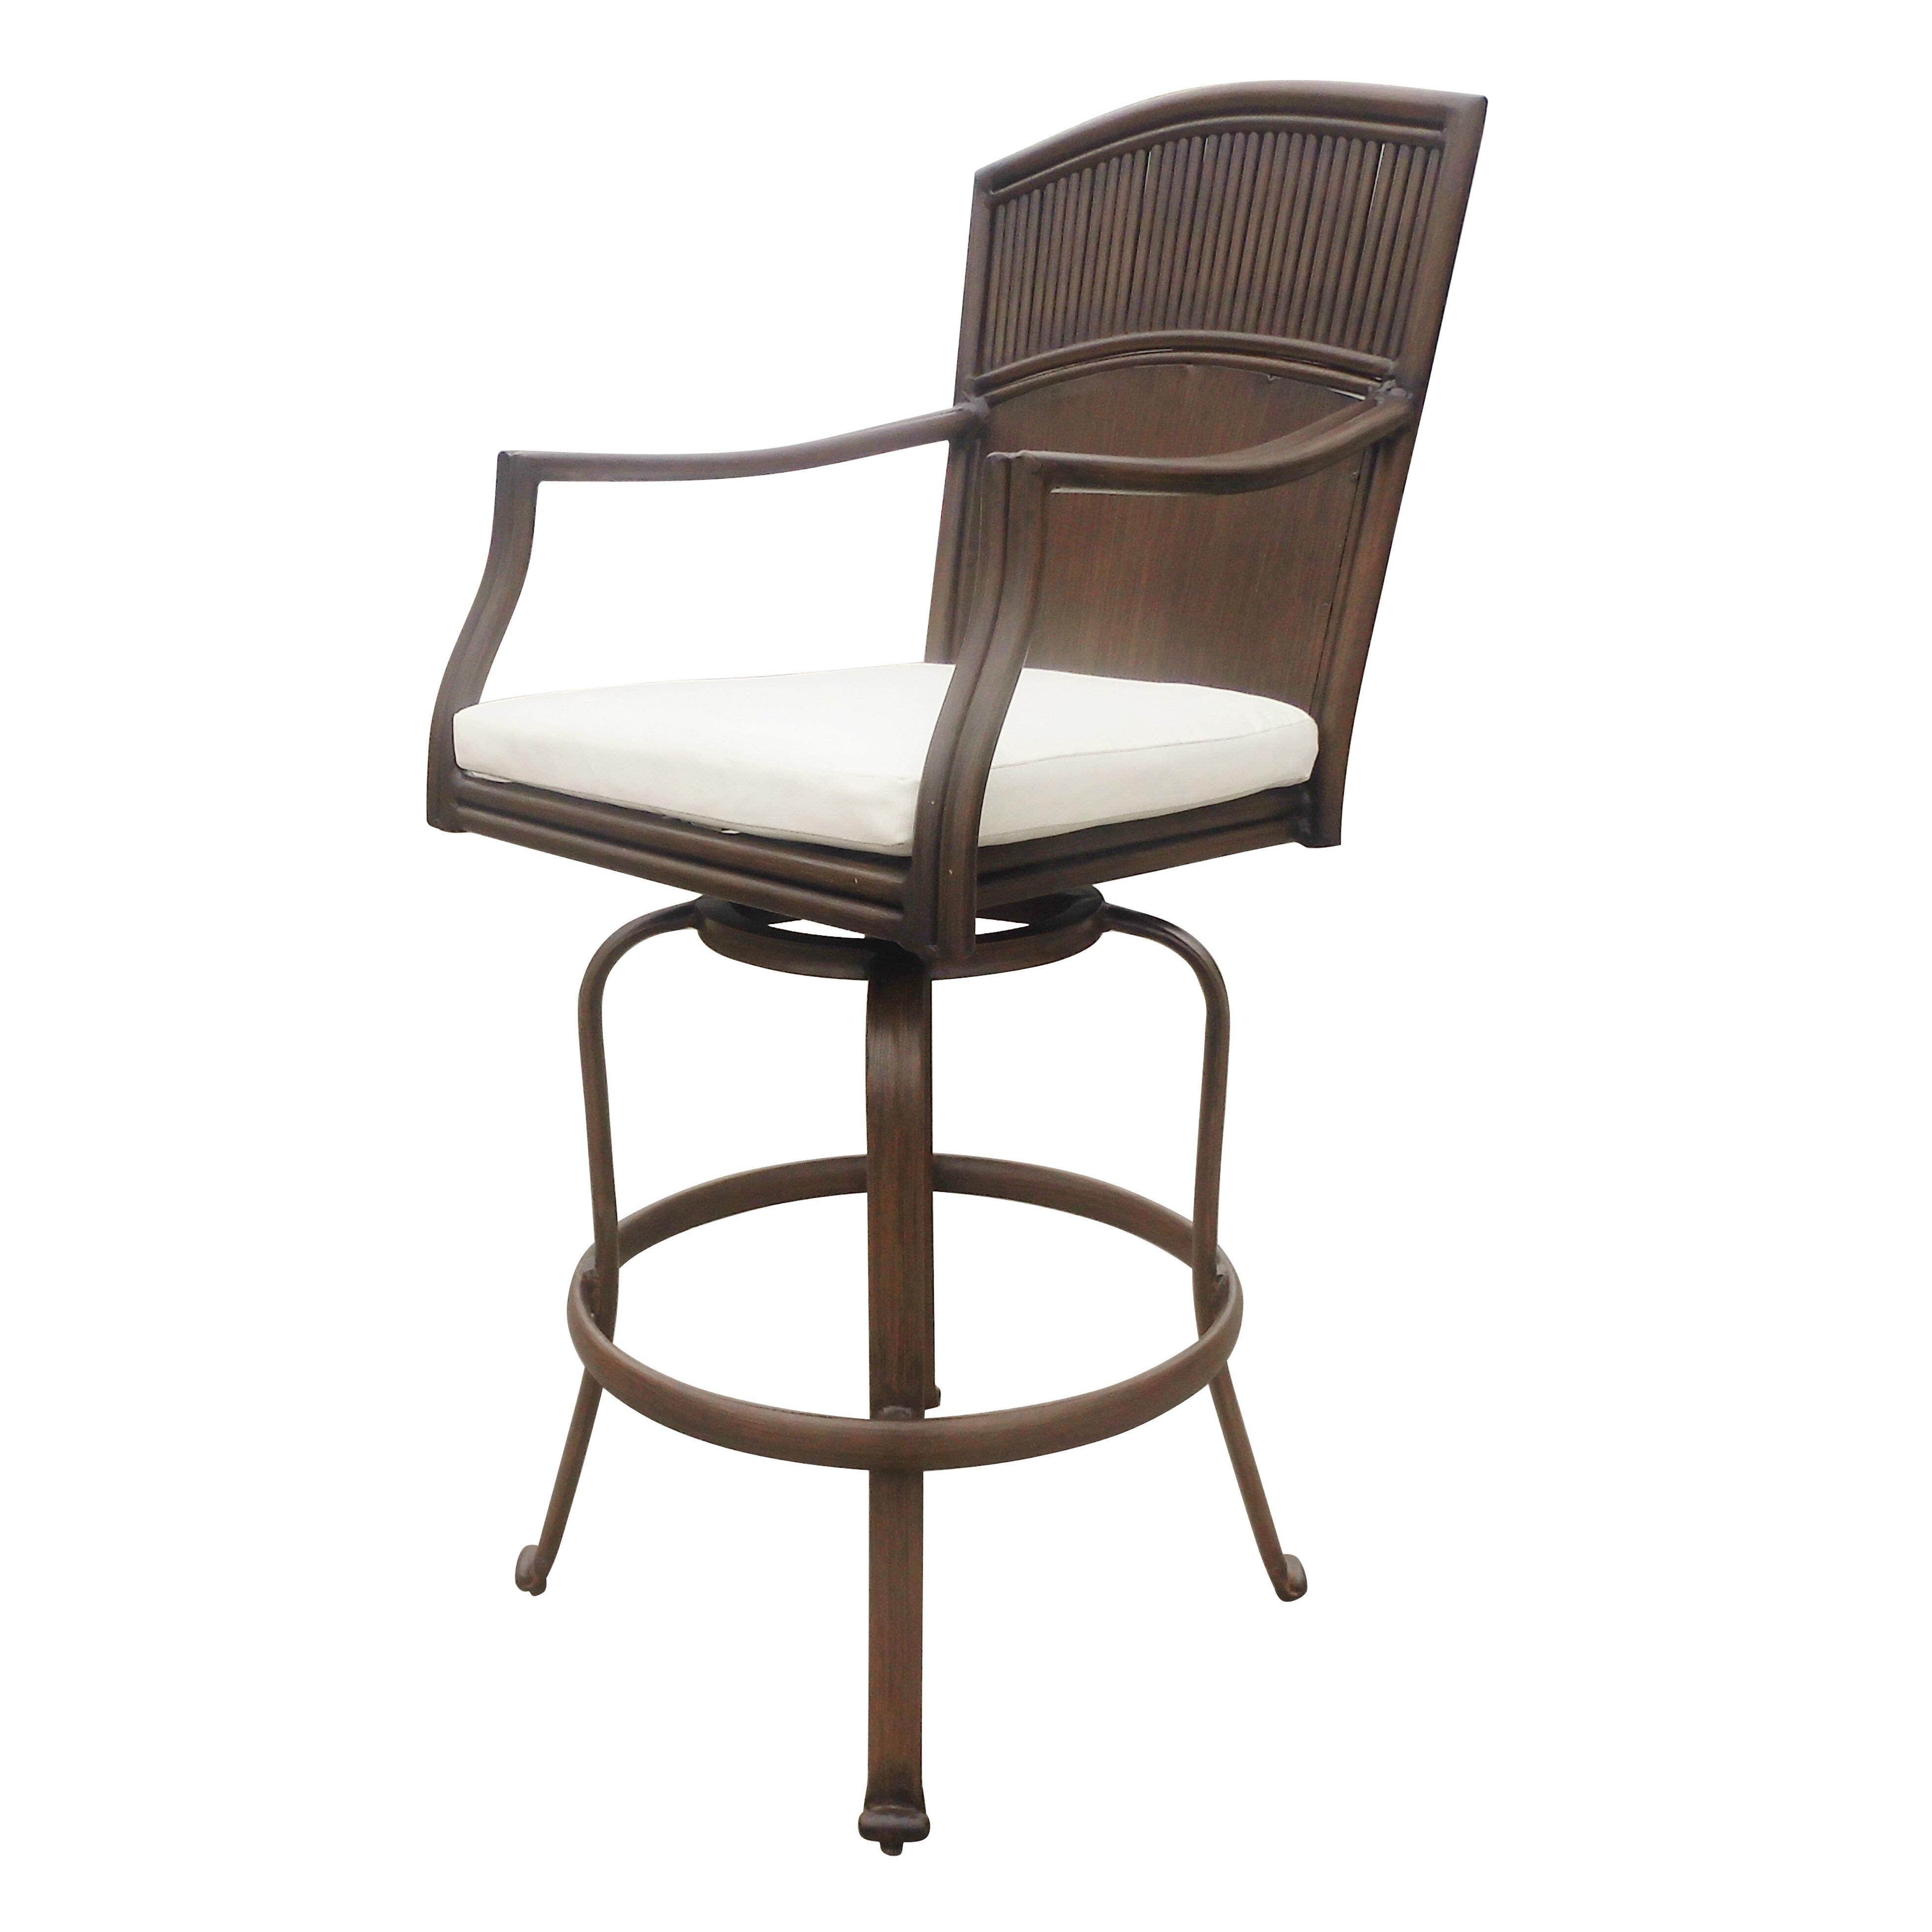 Outdoor Tiki Bar Stools : Panama Jack Home Tiki 30 Barstool